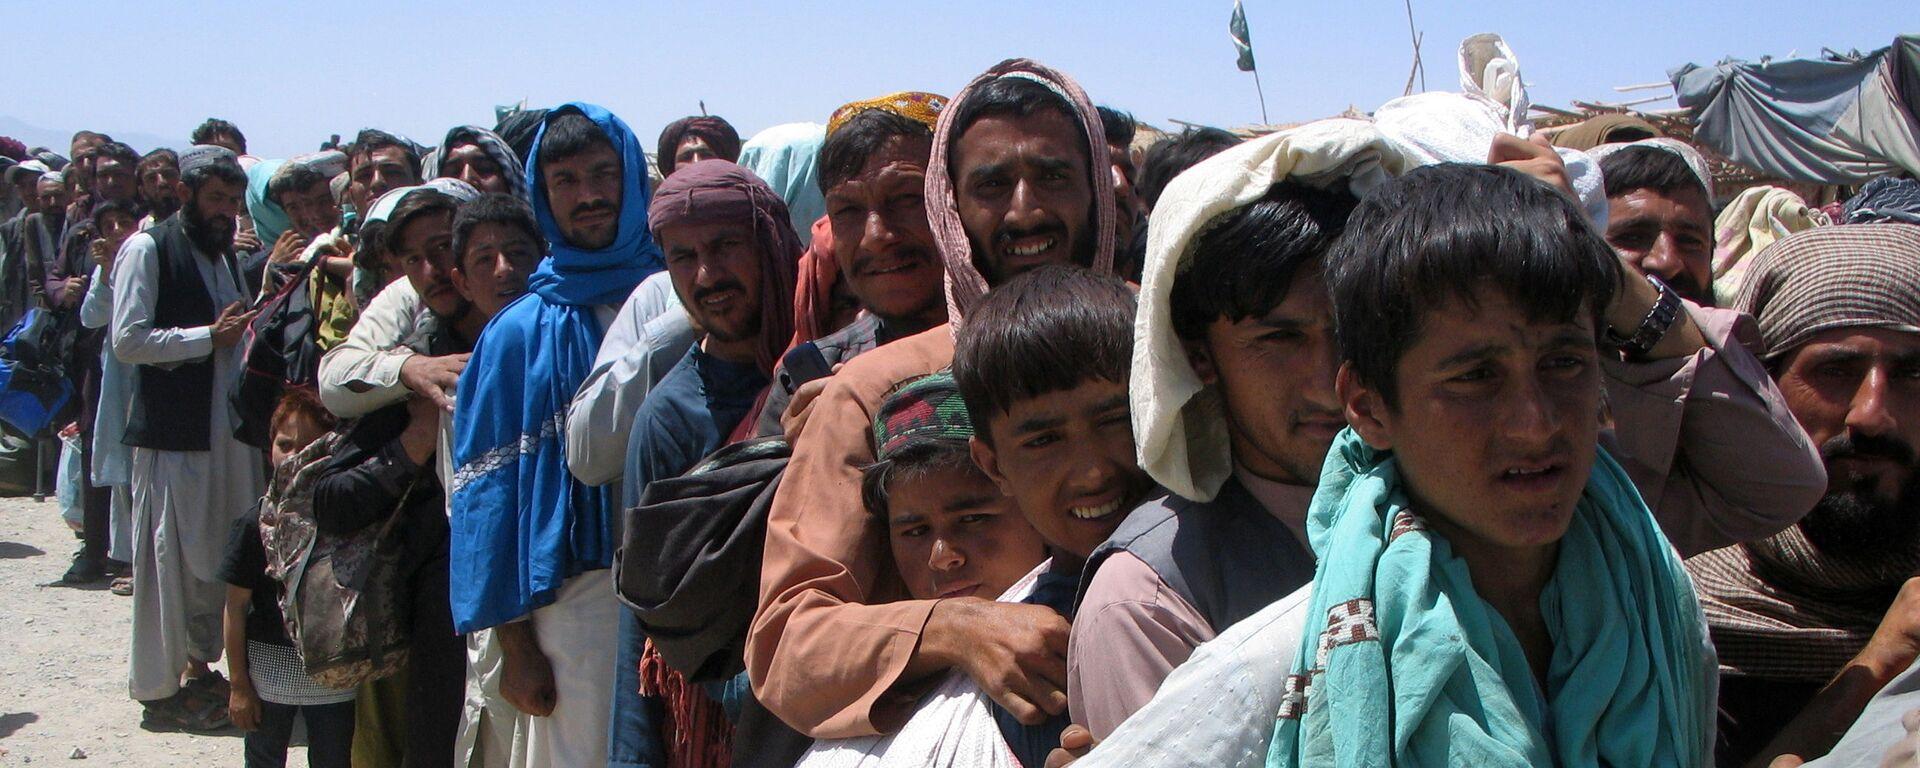 Nhóm người trước trạm kiểm soát Cổng Tình bạn ở Chaman, thị trấn biên giới Pakistan-Afghanistan,  Pakistan - Sputnik Việt Nam, 1920, 04.09.2021